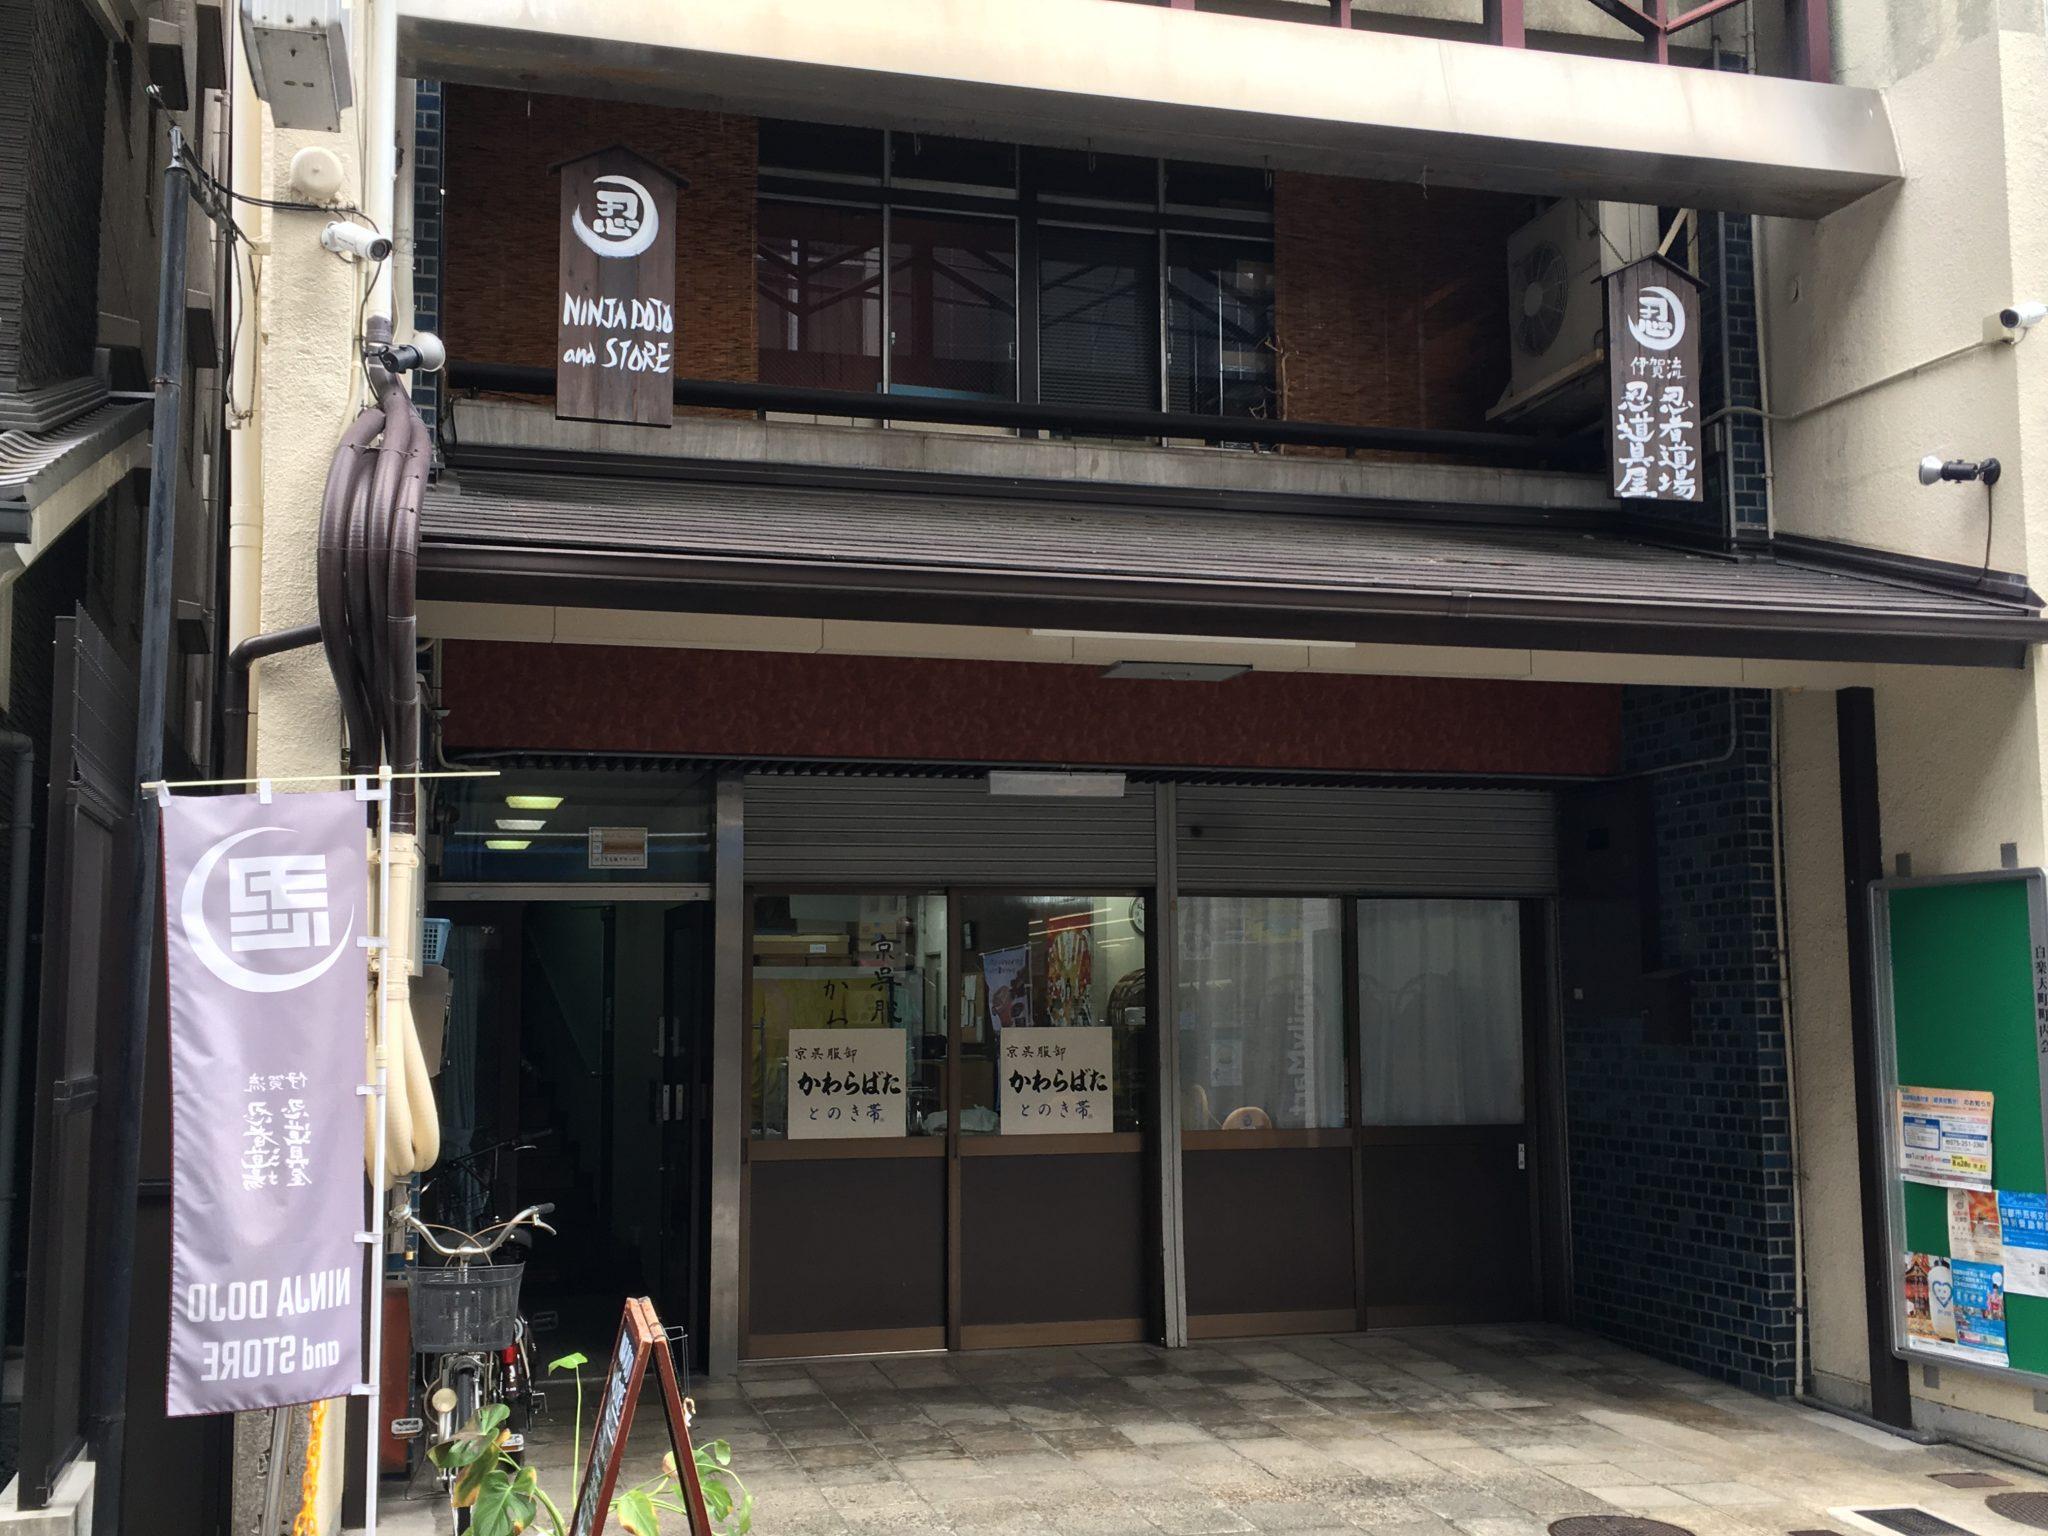 Ninja dojo&store